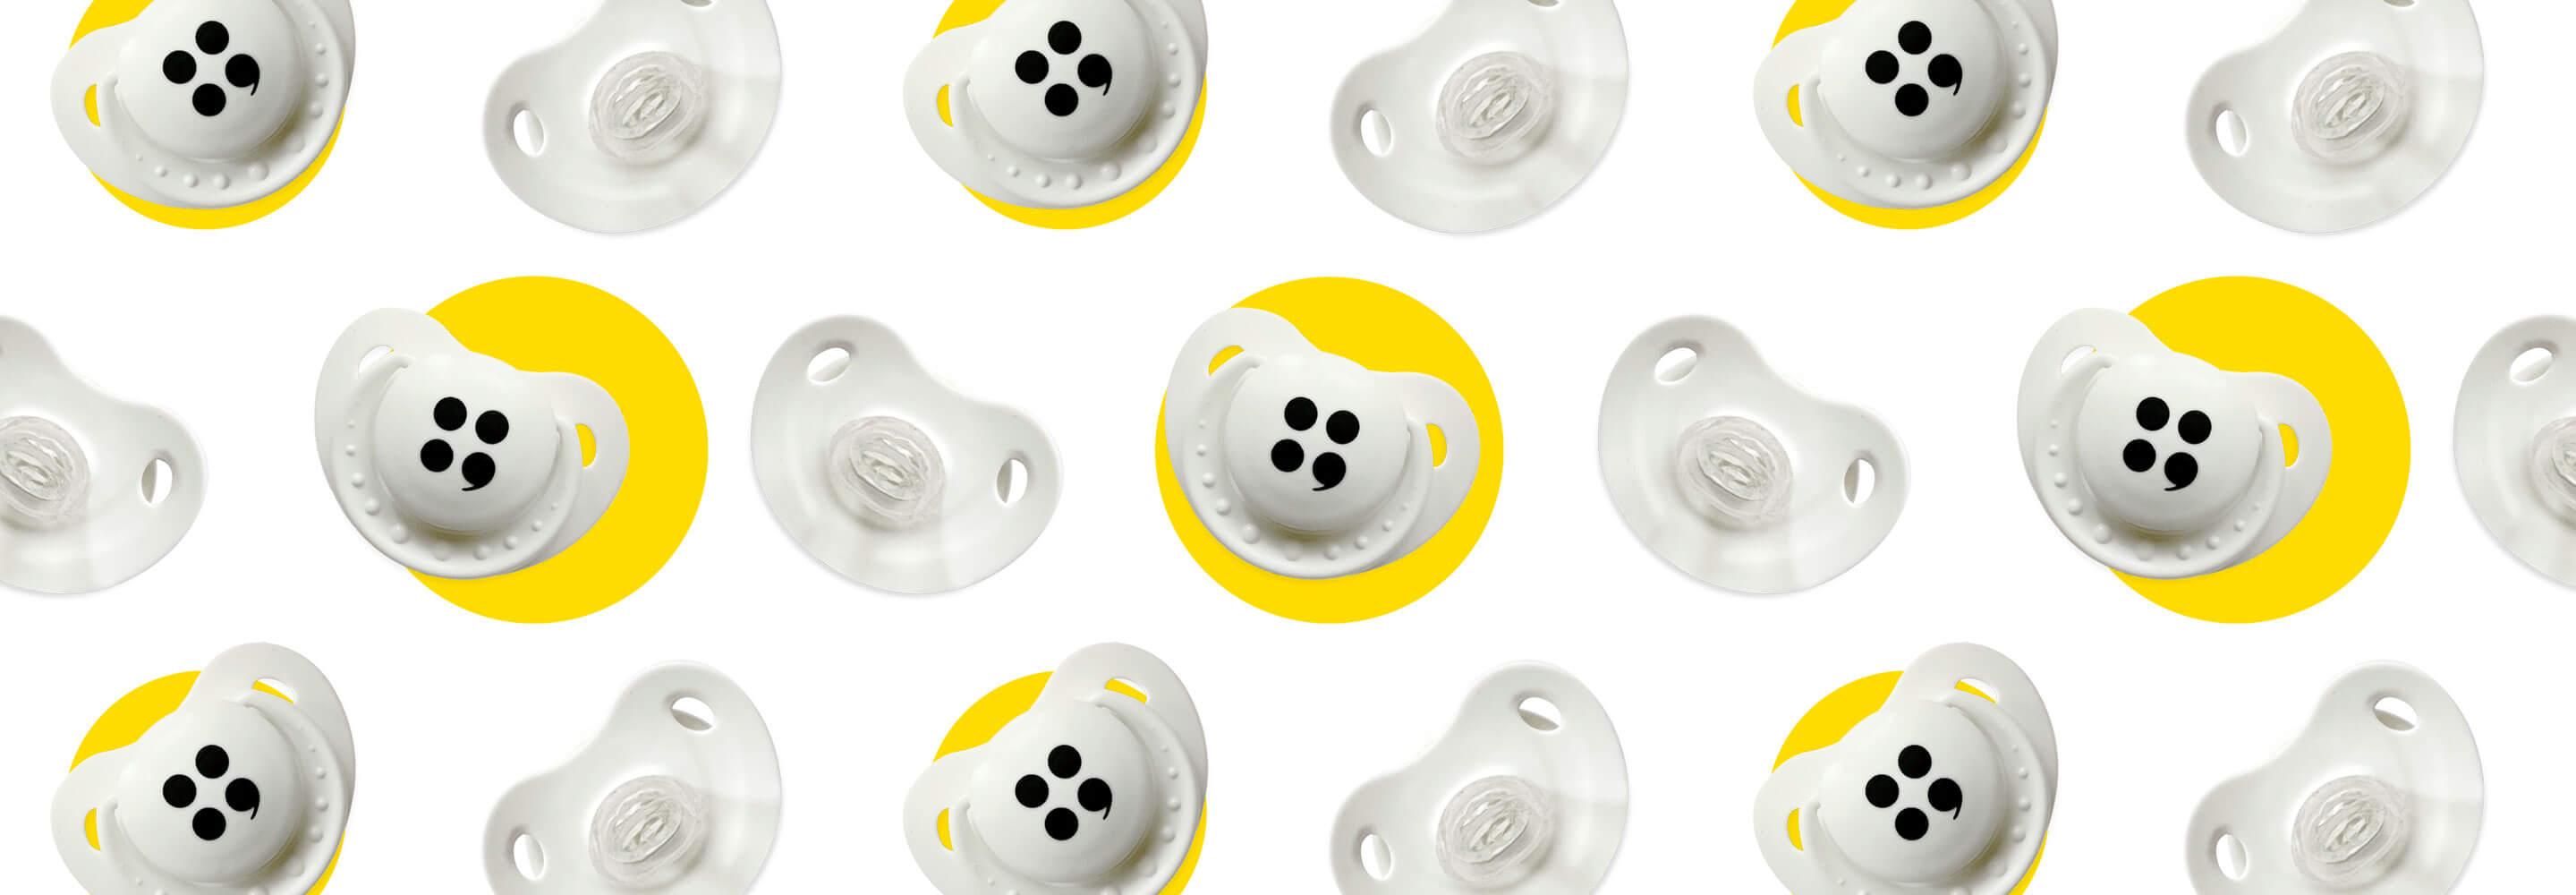 Pattern che raffigura una serie di ciucci con il logo di MEP